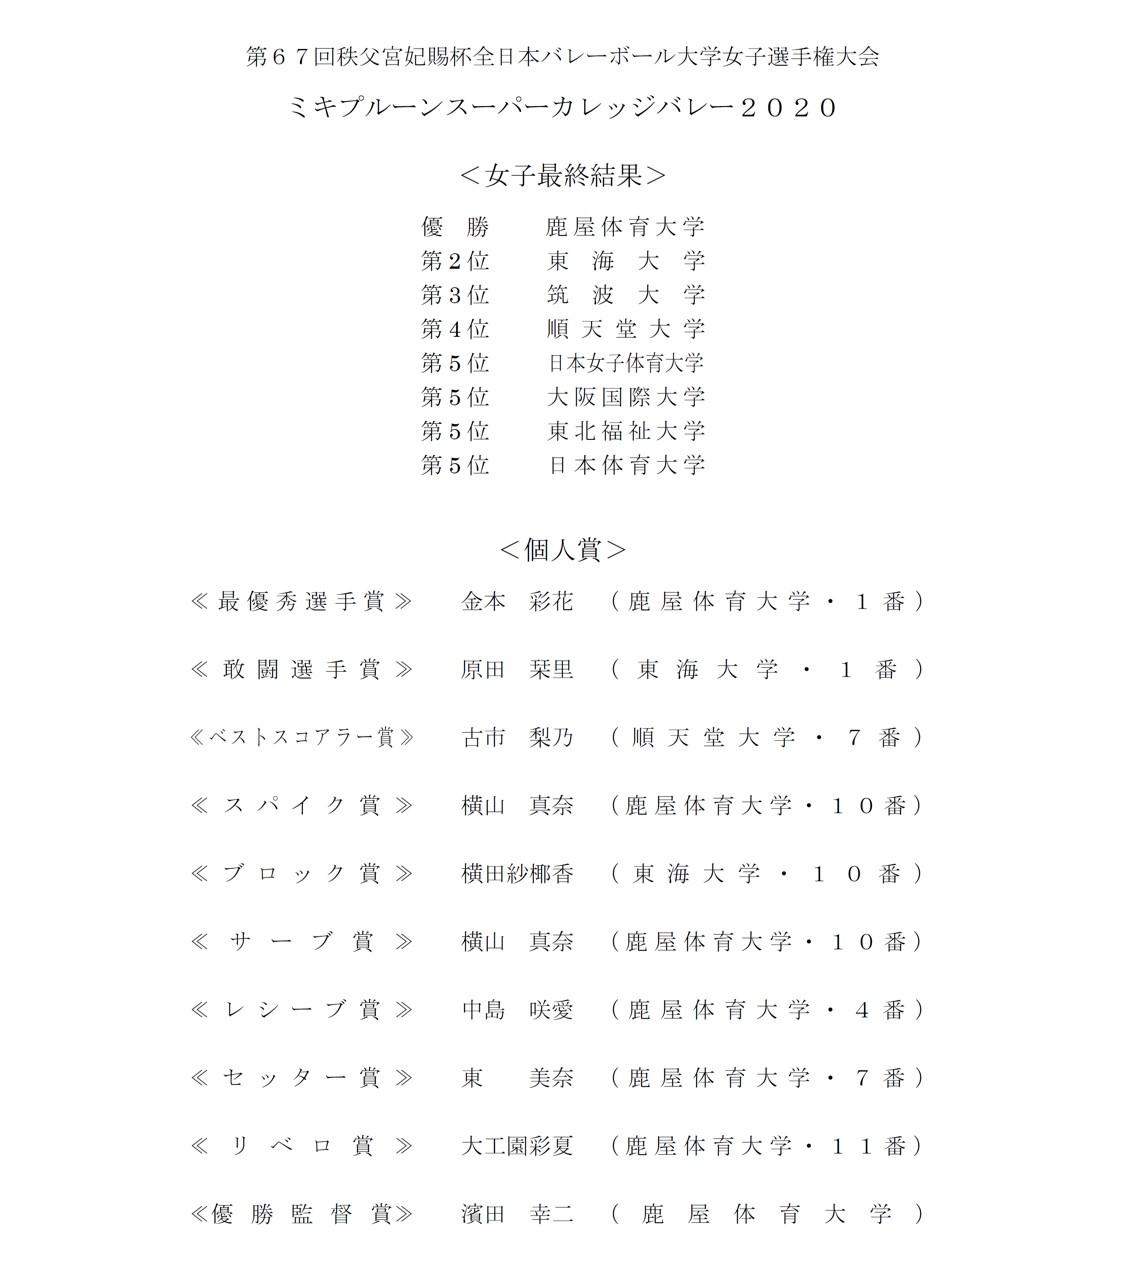 大学バレー_2020全日本インカレ_女子_優秀選手